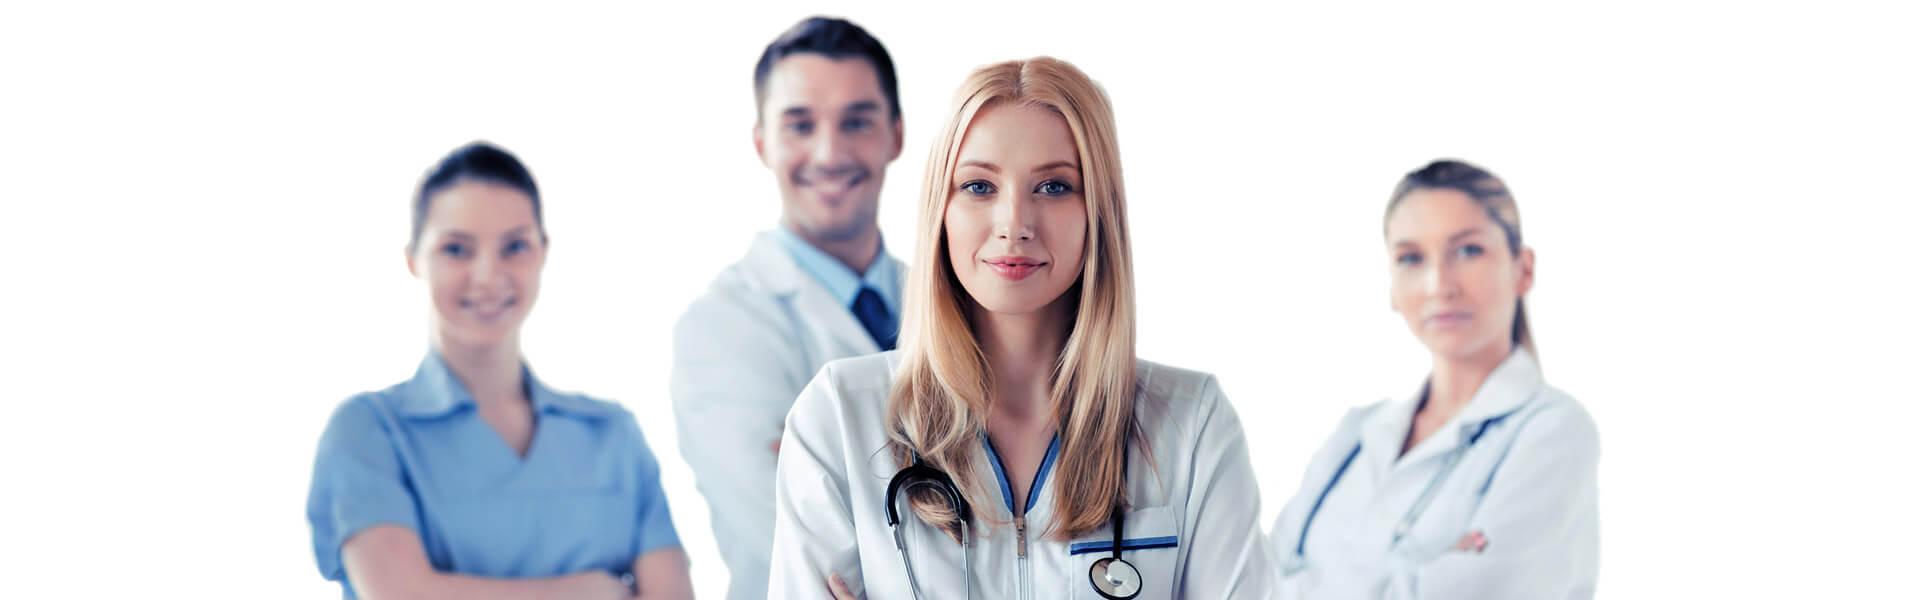 mediamedic – Praxismarketing für niedergelassene Ärzte